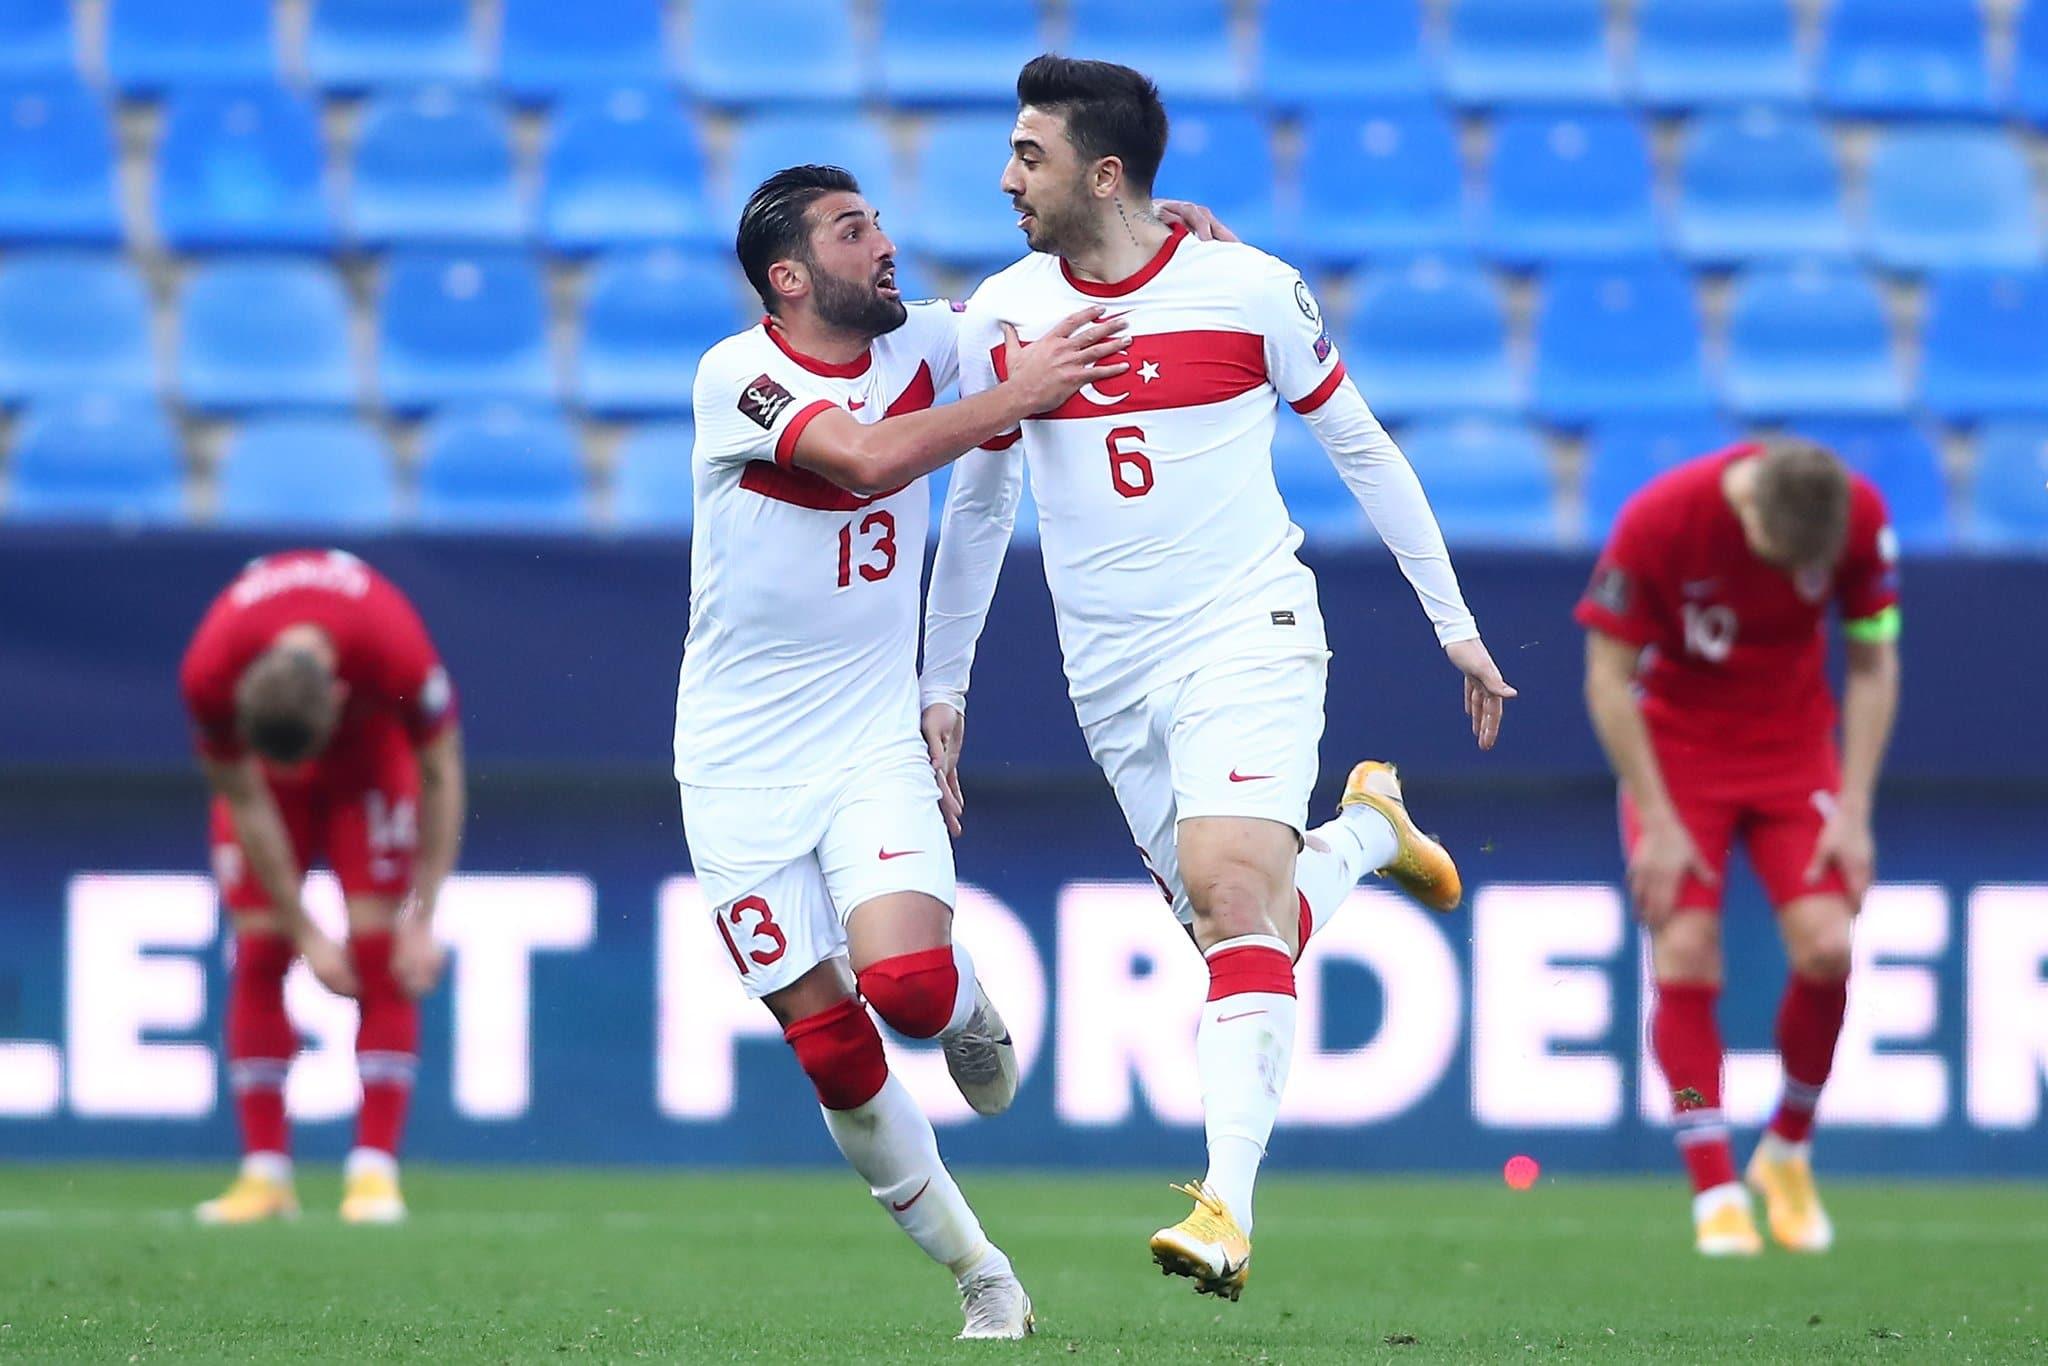 تركيا تواصل الانتصار وهولندا يحقق فوزه الأول نتائج تصفيات كأس مونديال قطر 2022